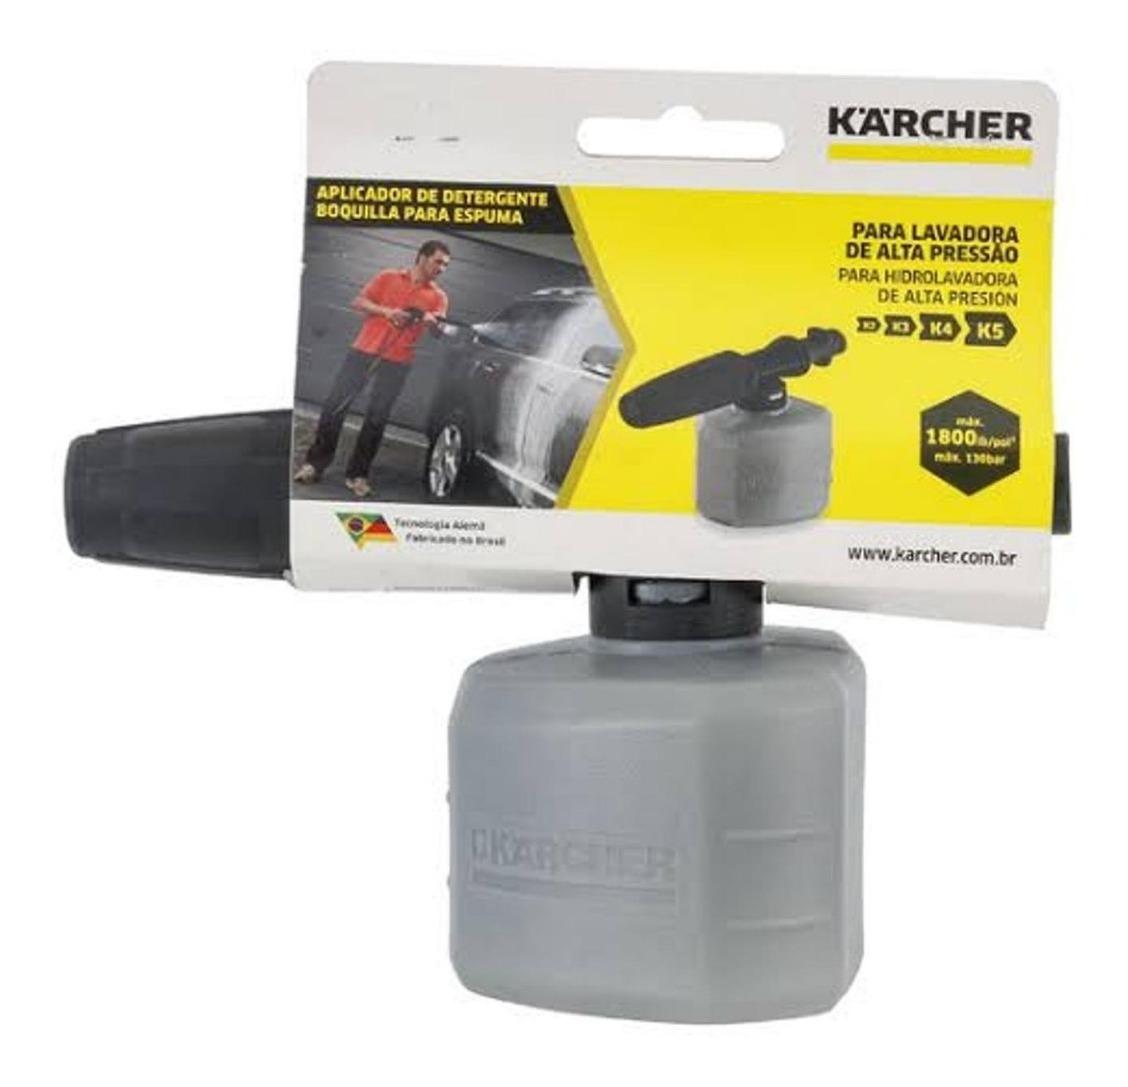 Canhão De Espuma Aplicador De Detergente Lavadora Karcher